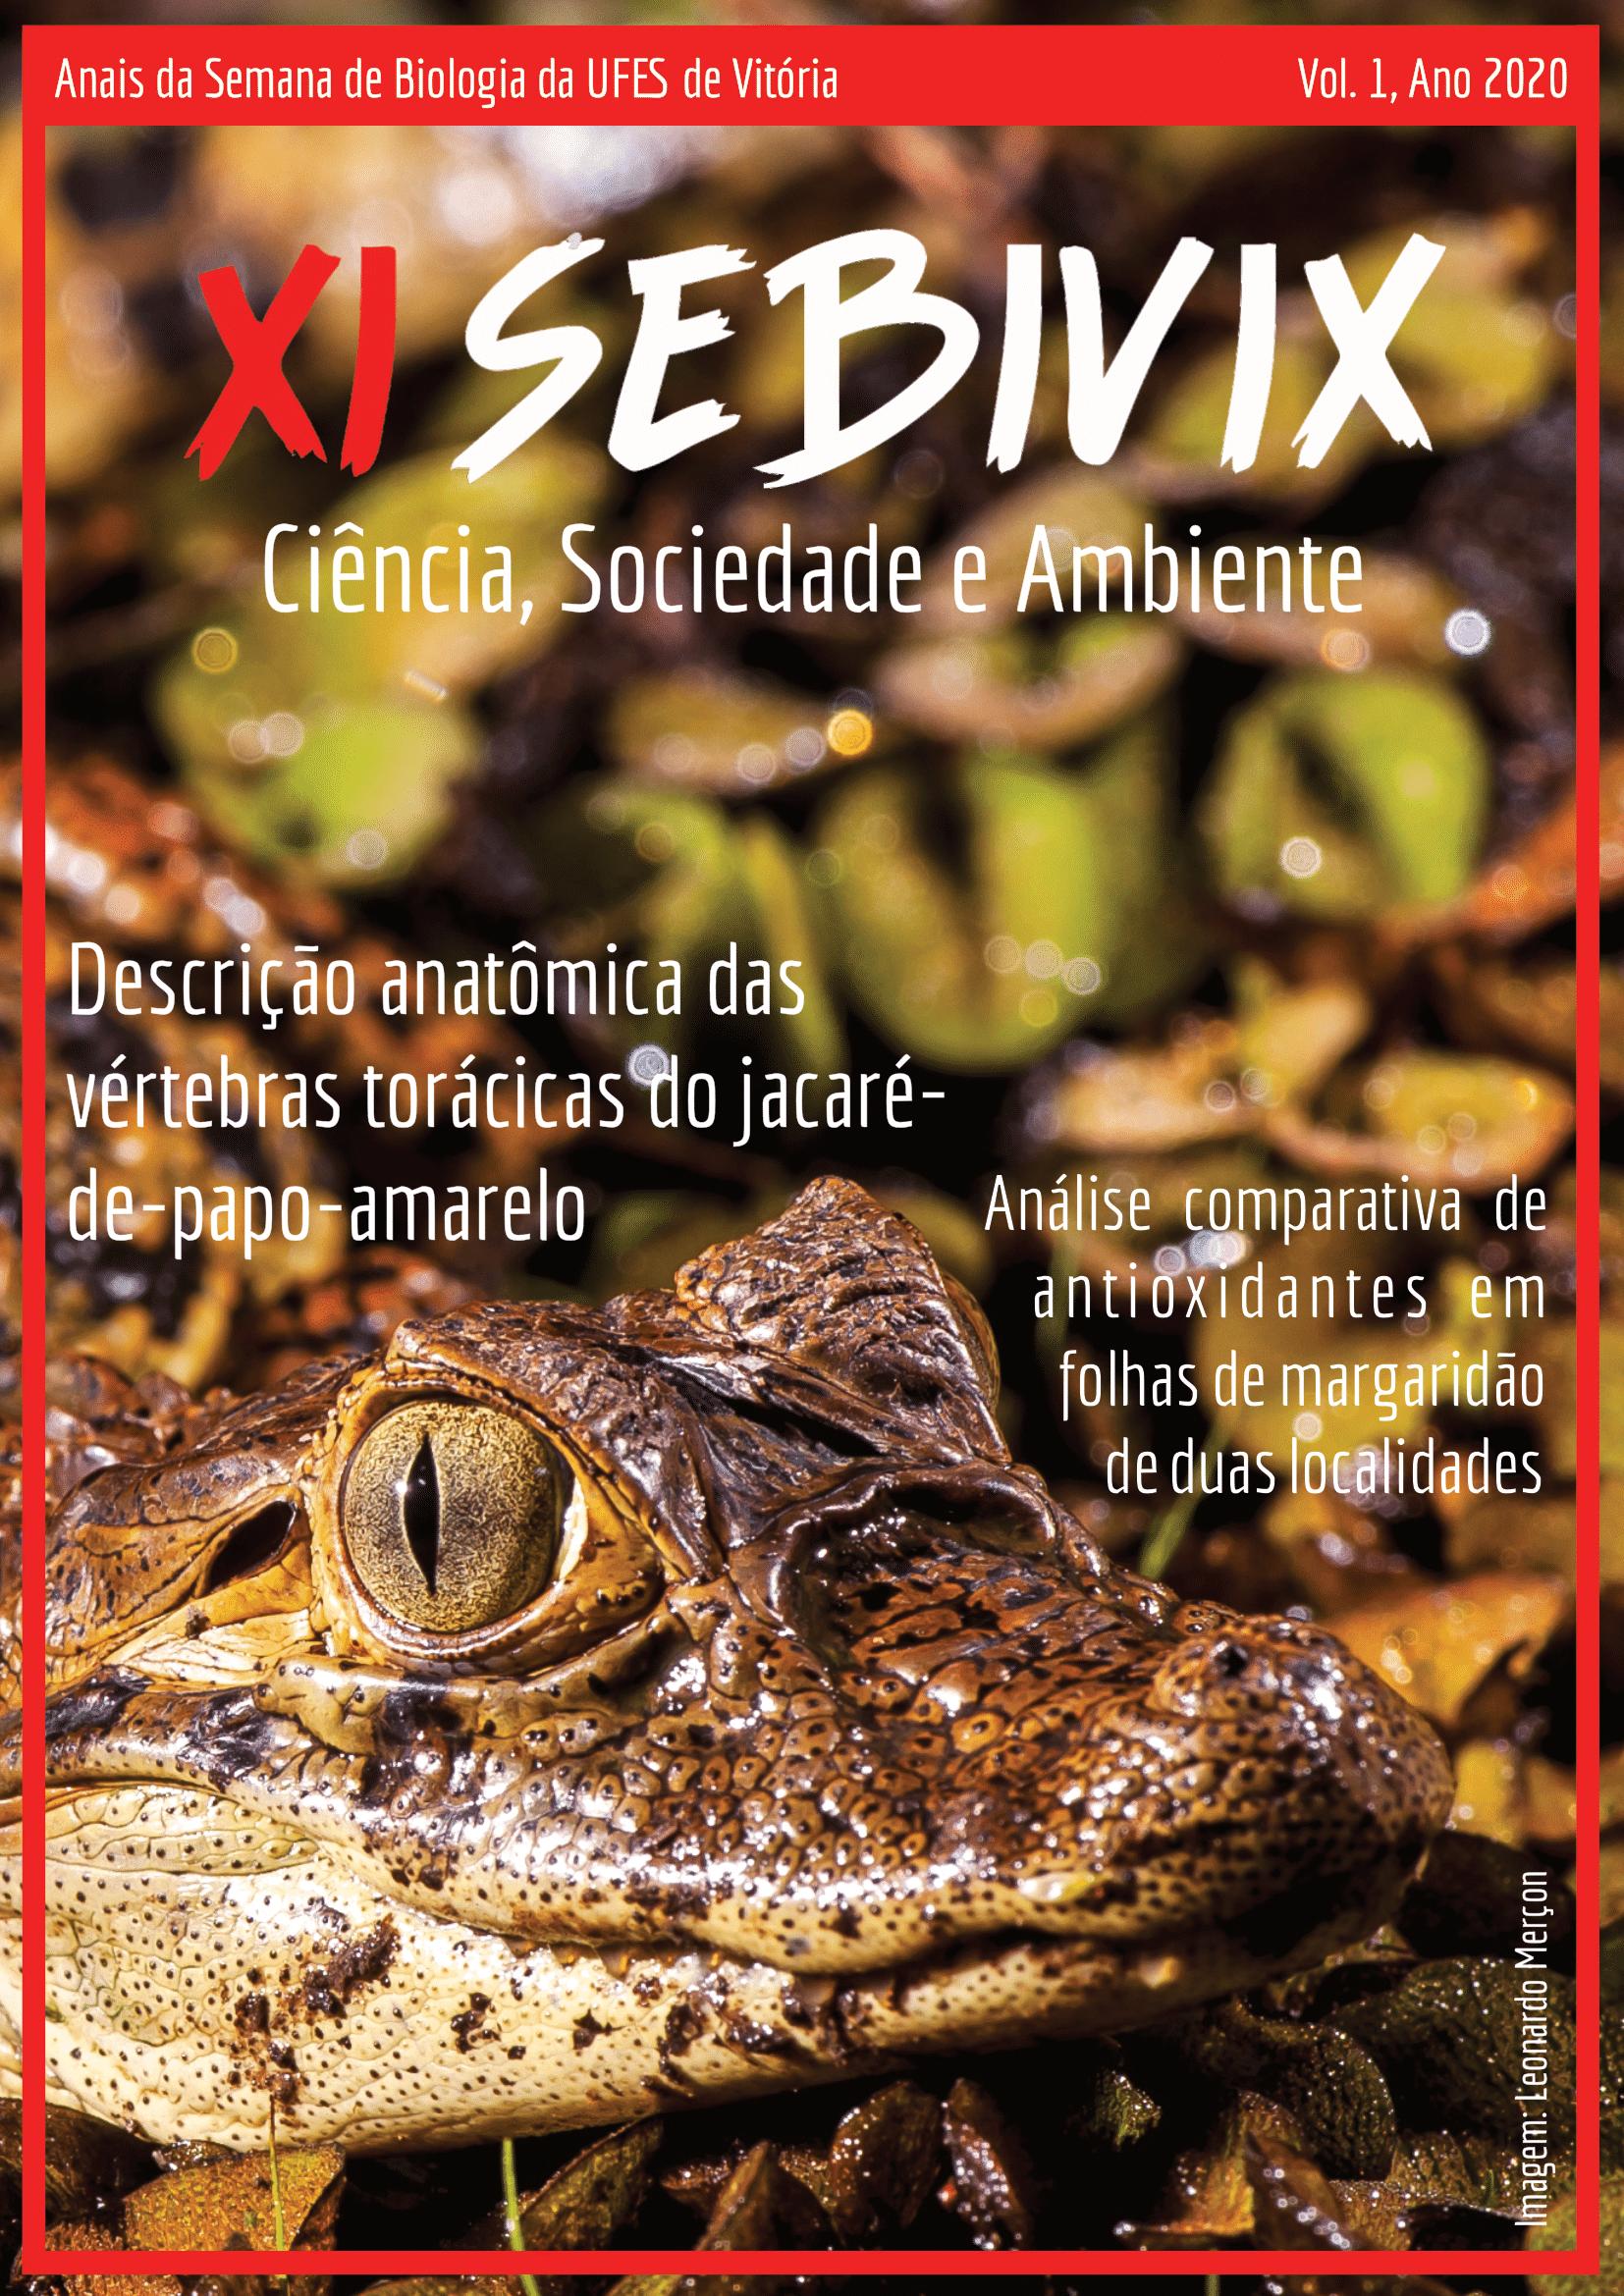 Anais da Semana de Biologia da UFES de Vitória vol. 1 (2019) Imagem: Leonardo Merçon (Instituto Últimos Refúgios)